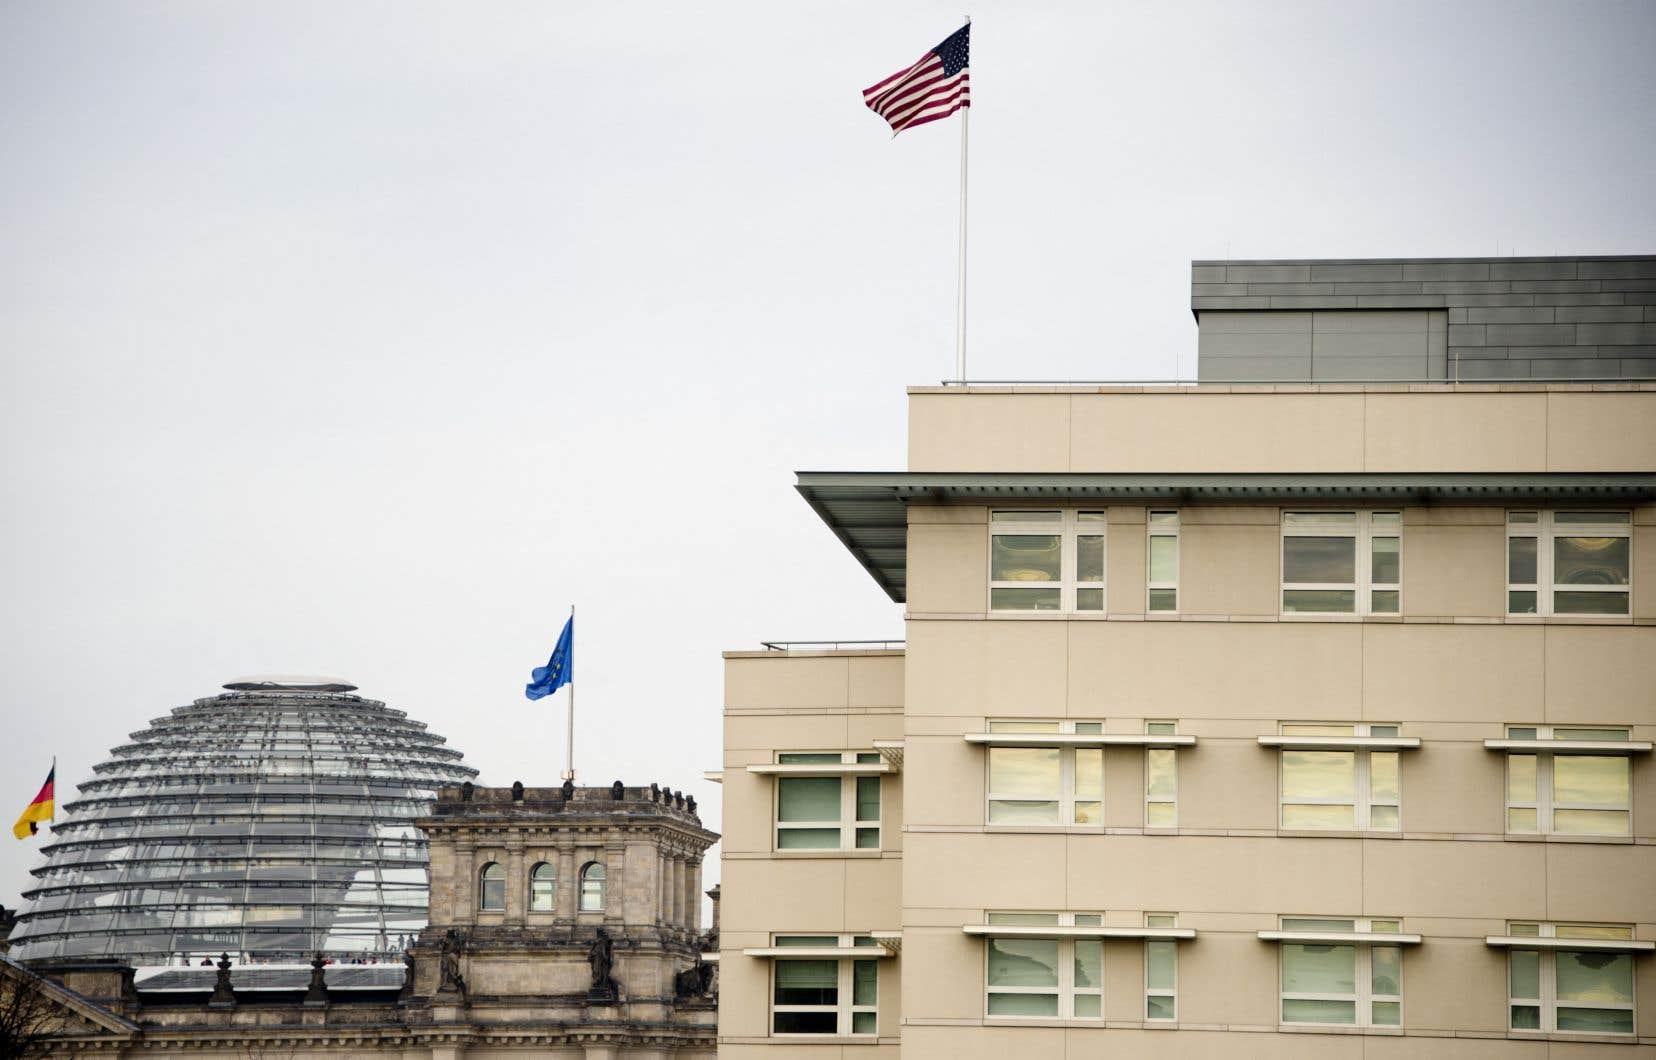 L'espionnage par Washington de ses alliés européens jusqu'au plus haut niveau est largement connu depuis les révélations du lanceur d'alerte Edward Snowden, mais le rôle qu'auraient pu jouer certains pays de l'Union européenne dans l'opération accroît encore le scandale.